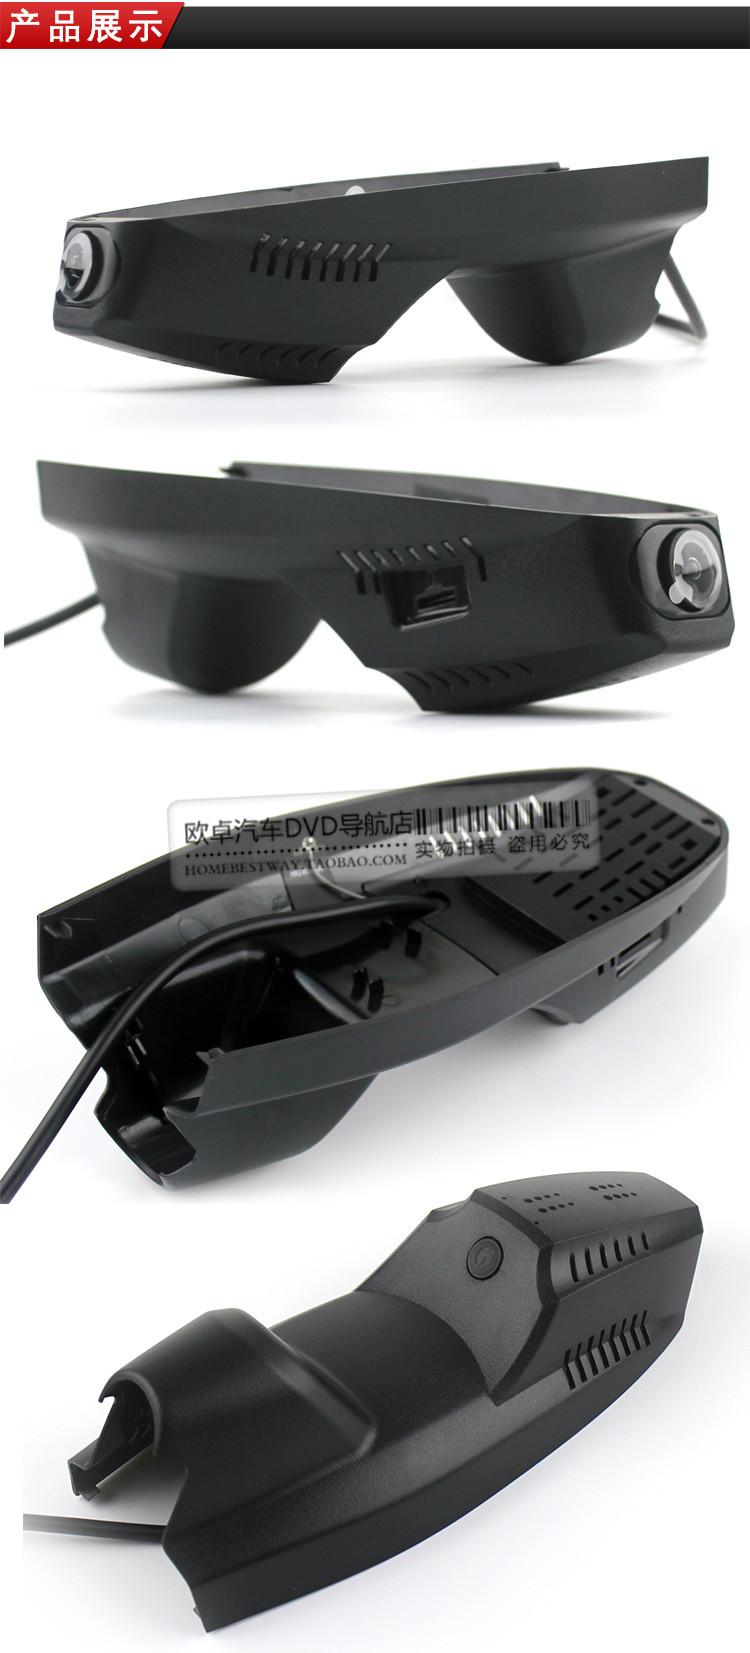 福特翼虎专用隐藏式行车记录仪1080P高清手机监控图片九